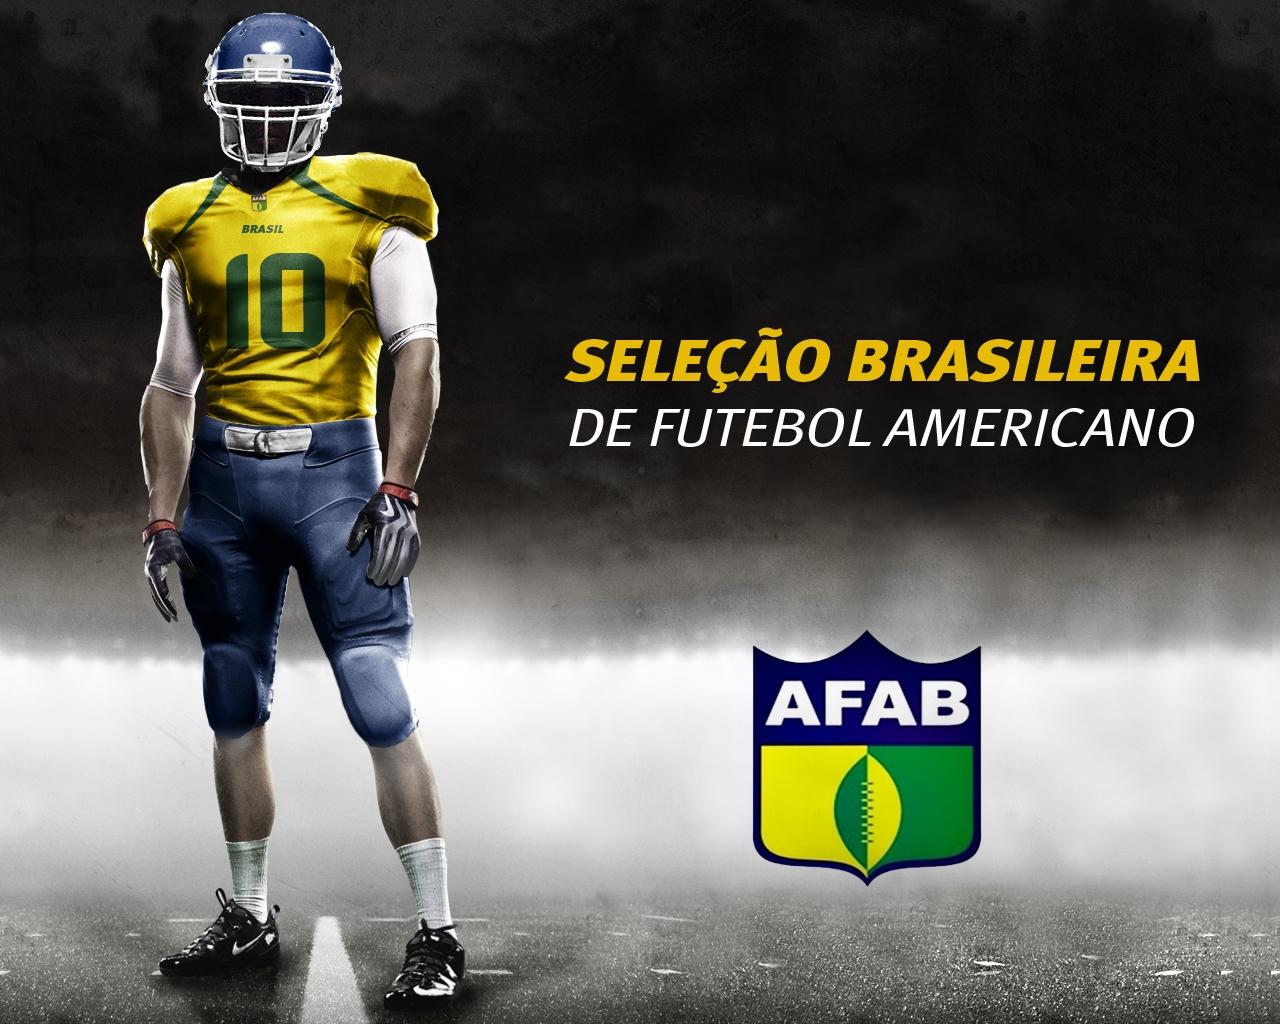 53c28990f Overtime do F.A  Novo uniforme da Seleção Brasileira de Futebol Americano.